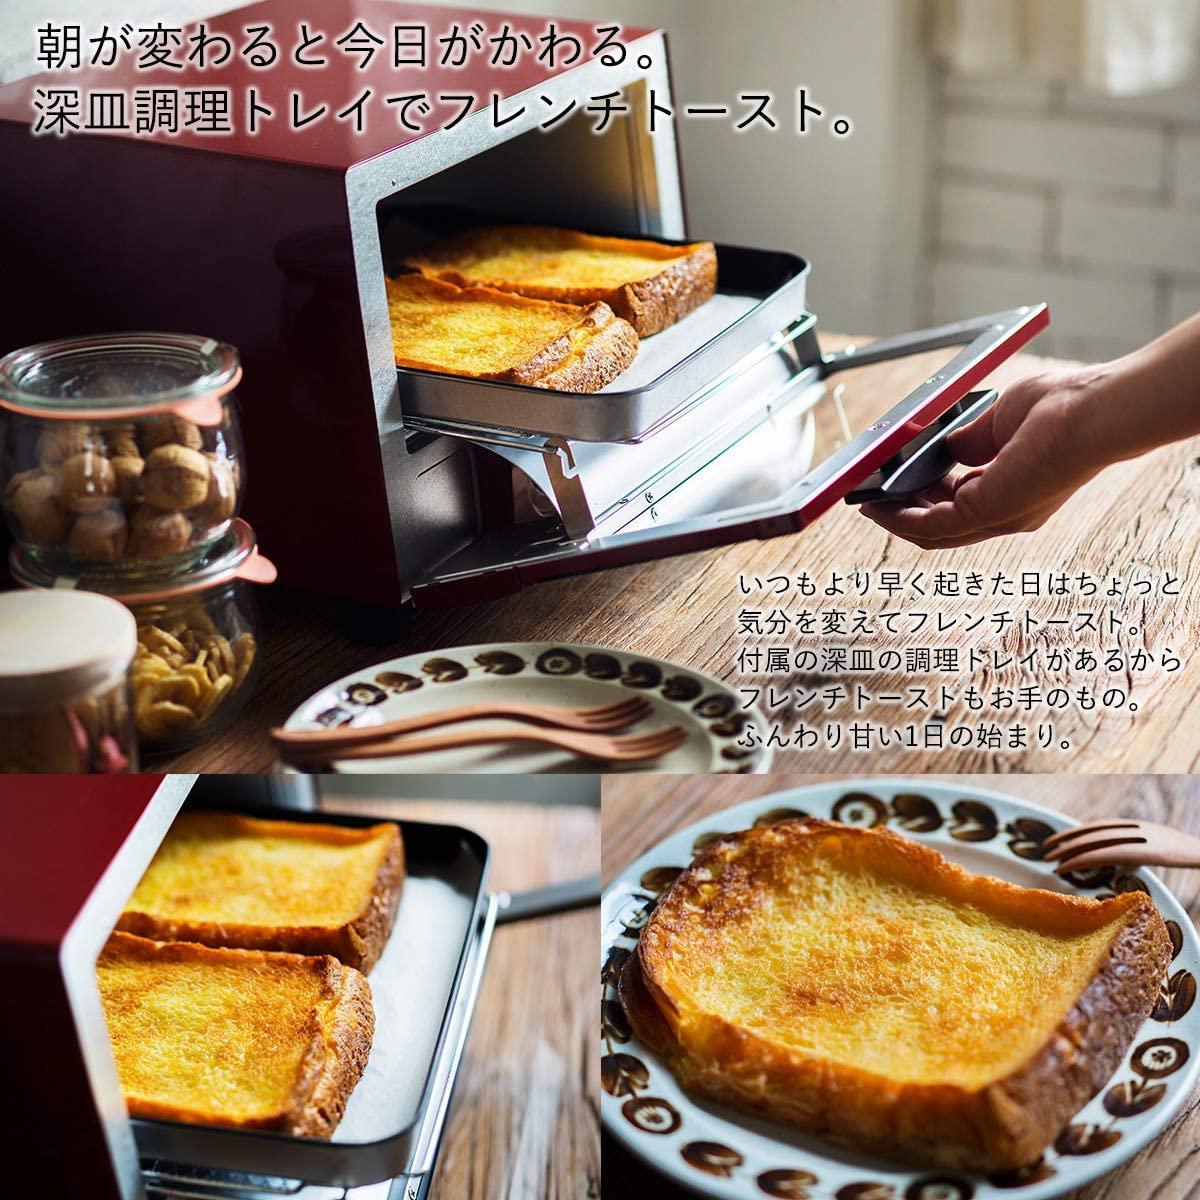 タイガー魔法瓶(TIGER) オーブントースターKAE-G13Nの商品画像7